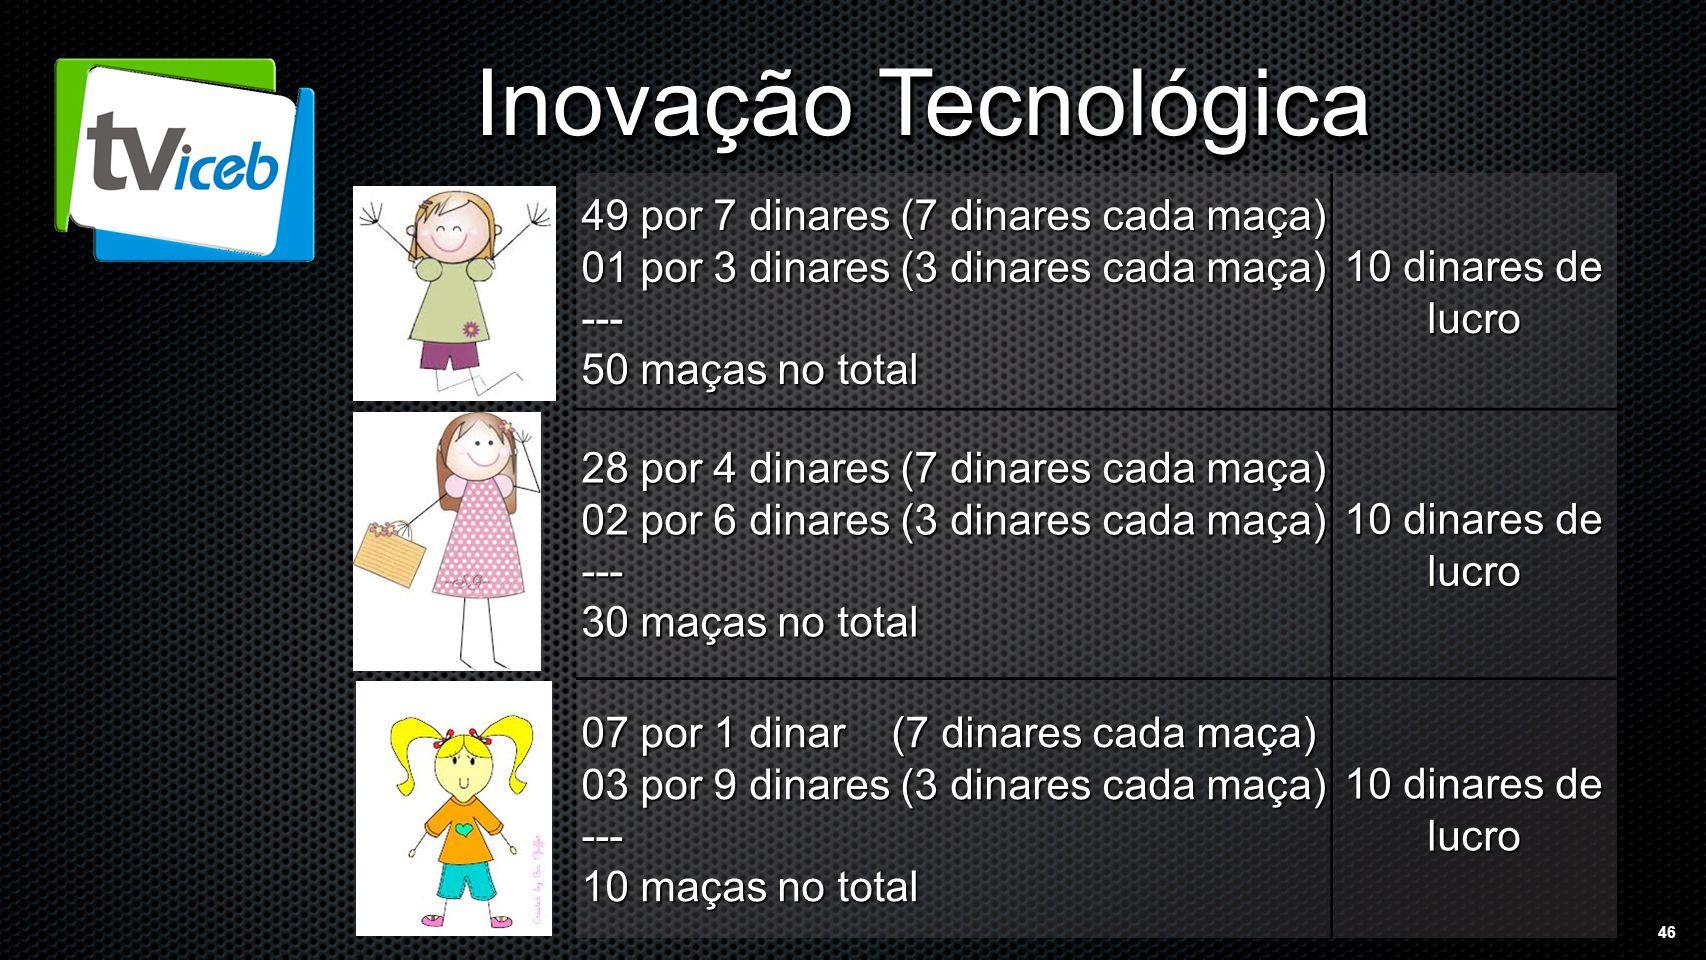 46 Inovação Tecnológica 49 por 7 dinares (7 dinares cada maça) 01 por 3 dinares (3 dinares cada maça) --- 50 maças no total 10 dinares de lucro 28 por 4 dinares (7 dinares cada maça) 02 por 6 dinares (3 dinares cada maça) --- 30 maças no total 10 dinares de lucro 07 por 1 dinar (7 dinares cada maça) 03 por 9 dinares (3 dinares cada maça) --- 10 maças no total 10 dinares de lucro